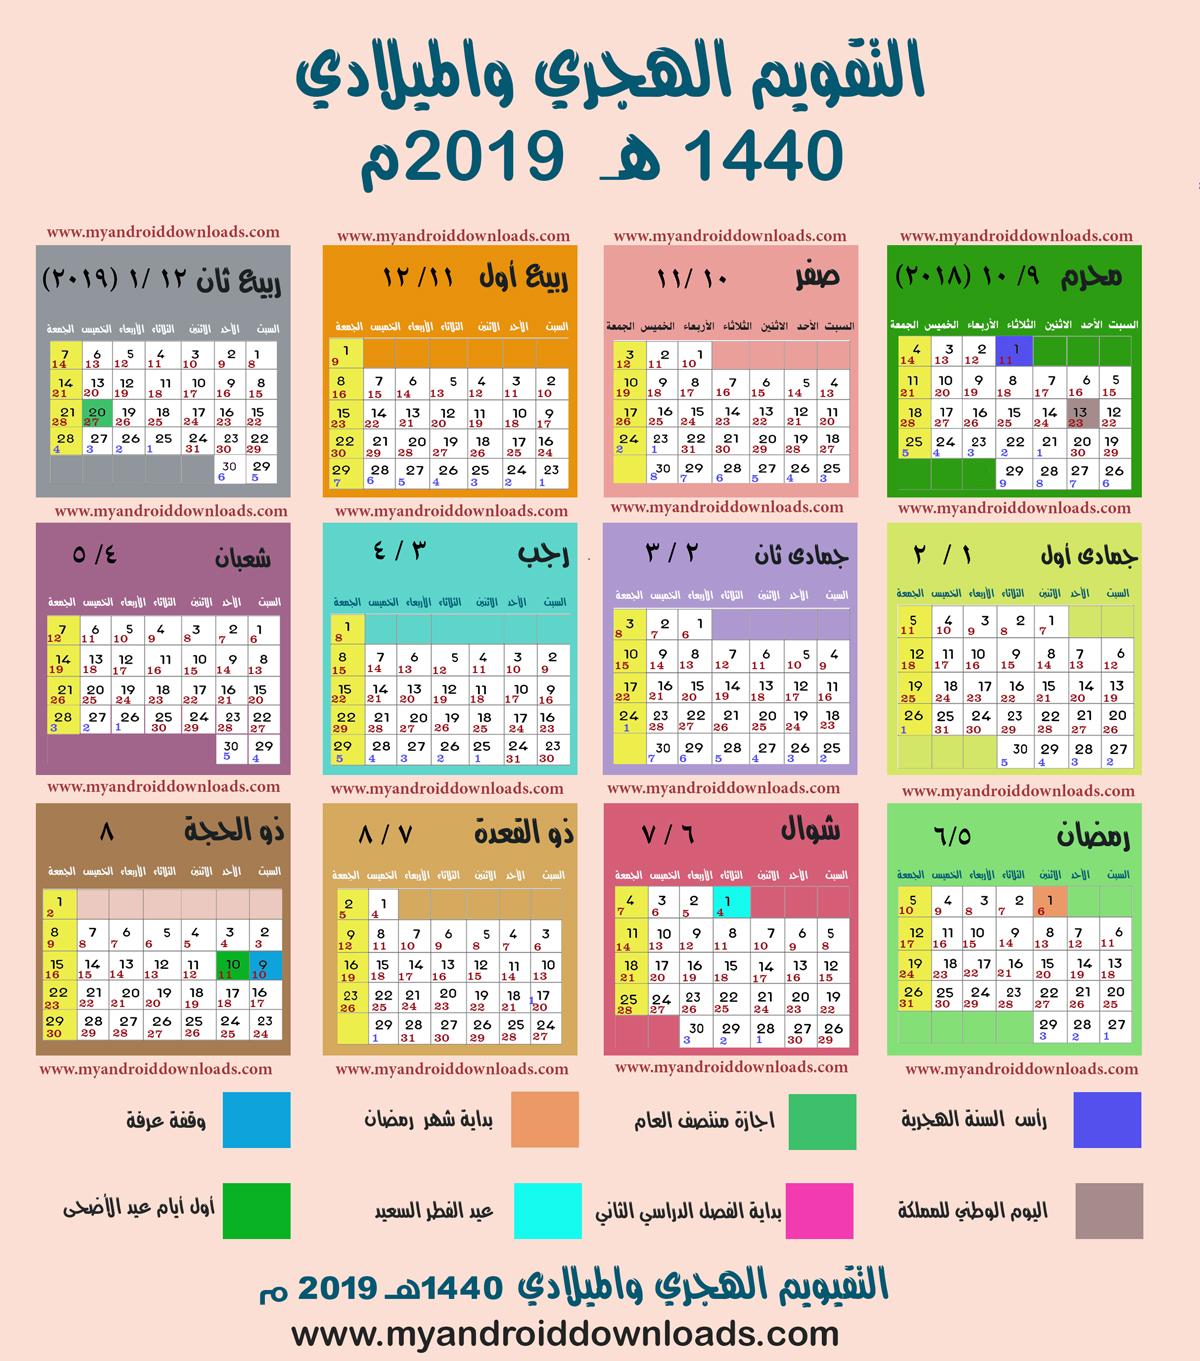 التقويم الهجري والميلادي 2019